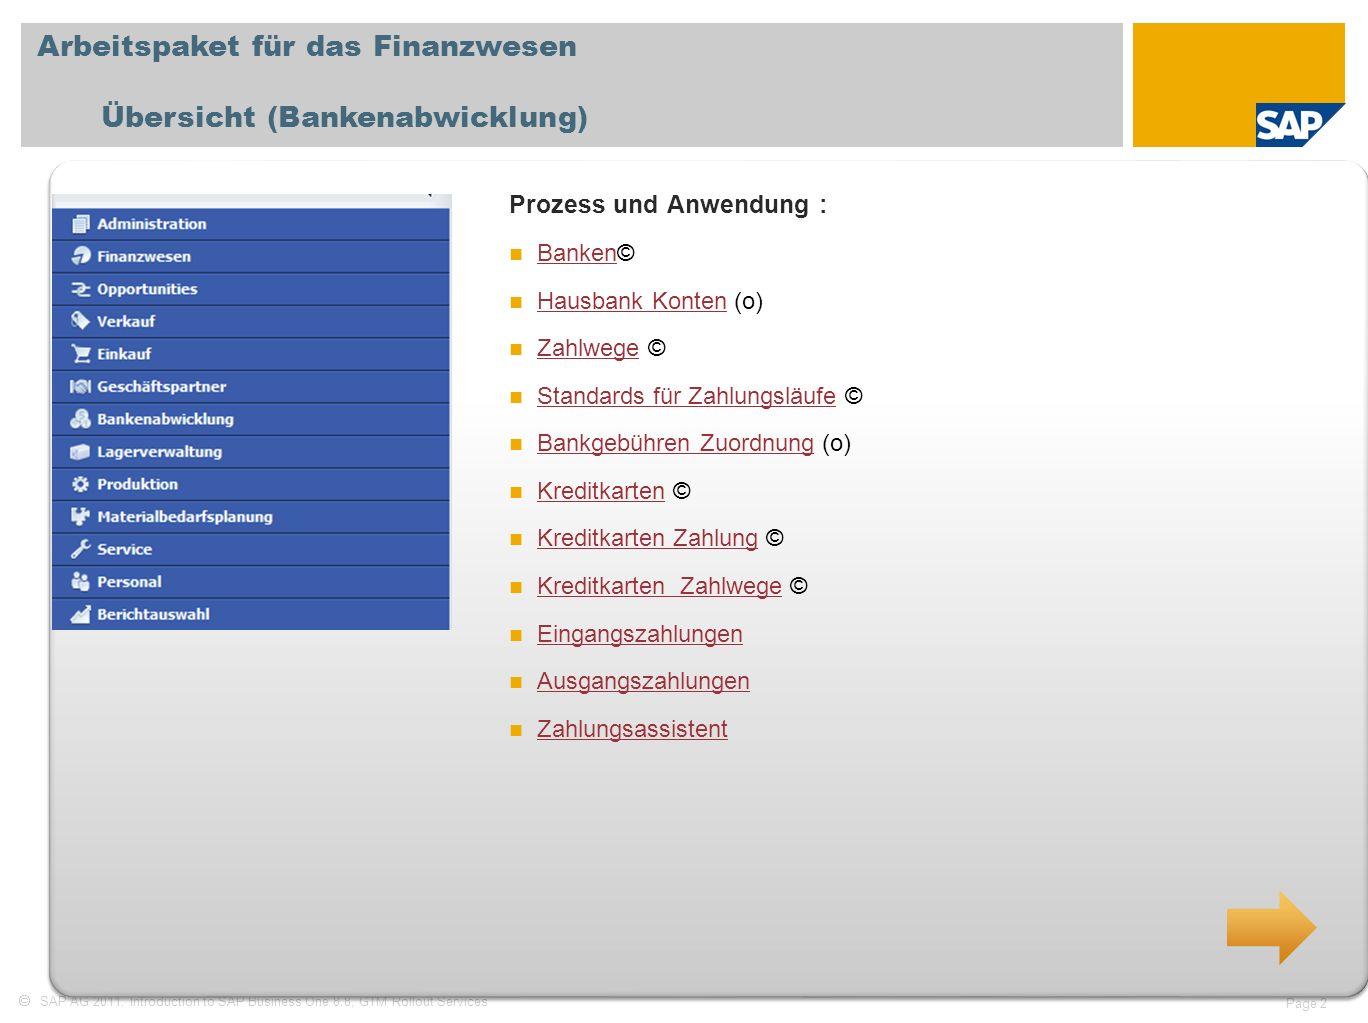 Arbeitspaket für das Finanzwesen Übersicht (Bankenabwicklung)